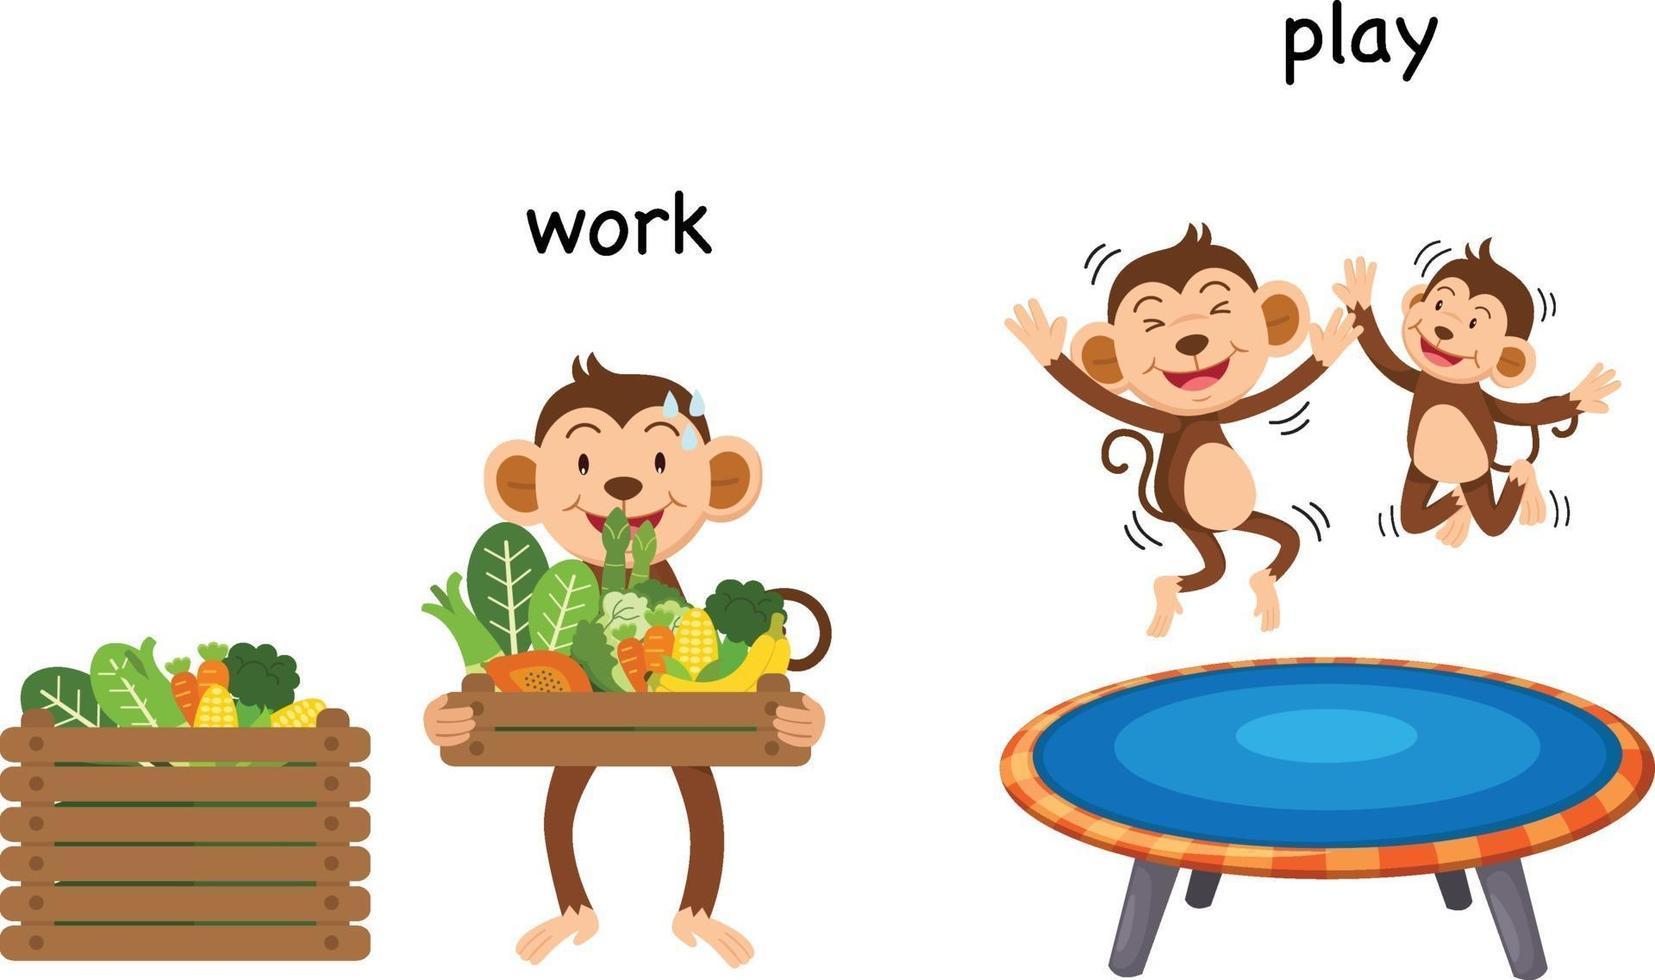 gegenüber Arbeit und Spiel Vektor-Illustration vektor